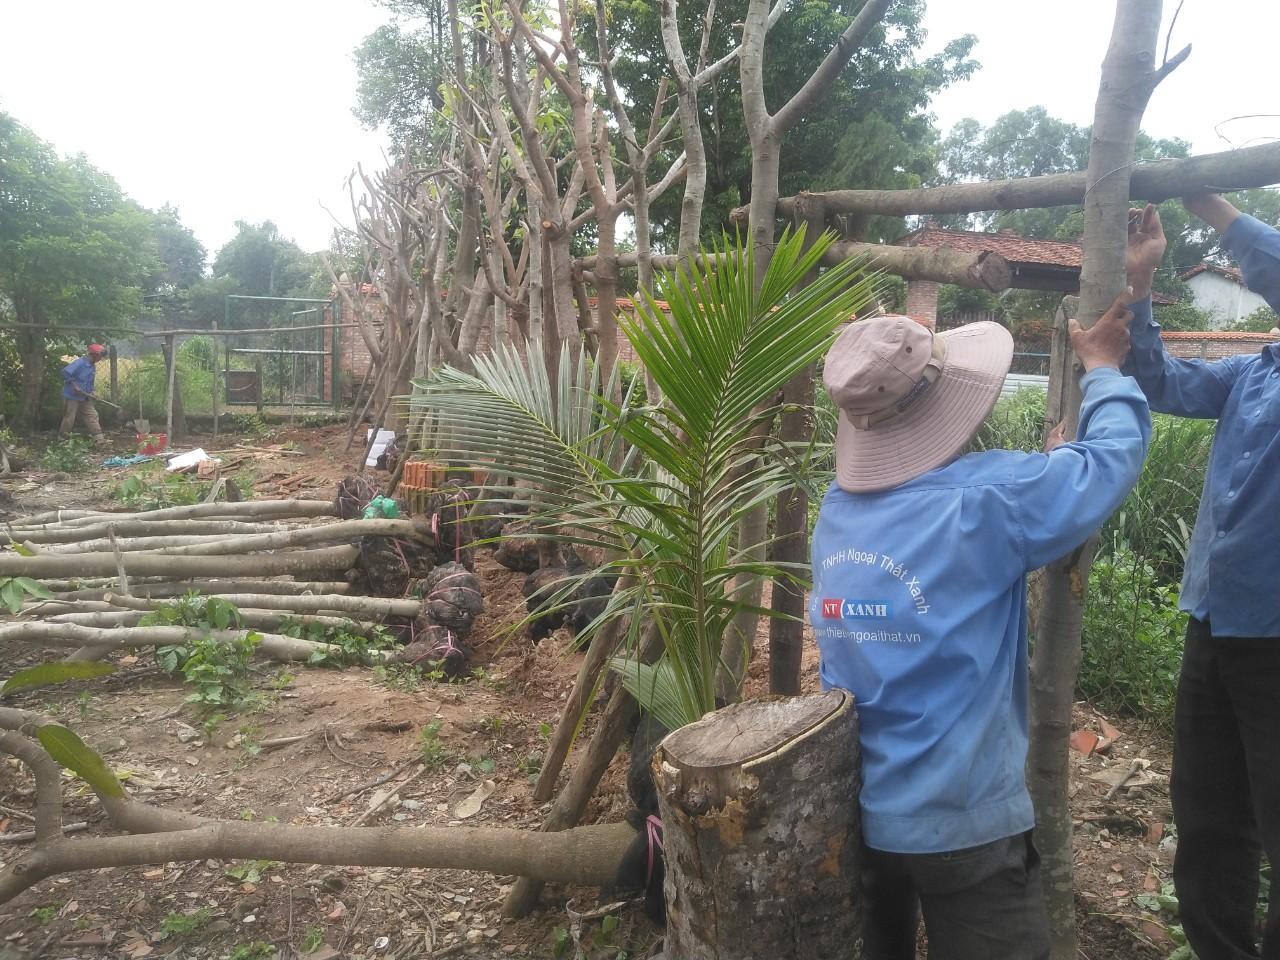 Dịch vụ trồng cỏ, cây xanh tại Bến Lức Long An